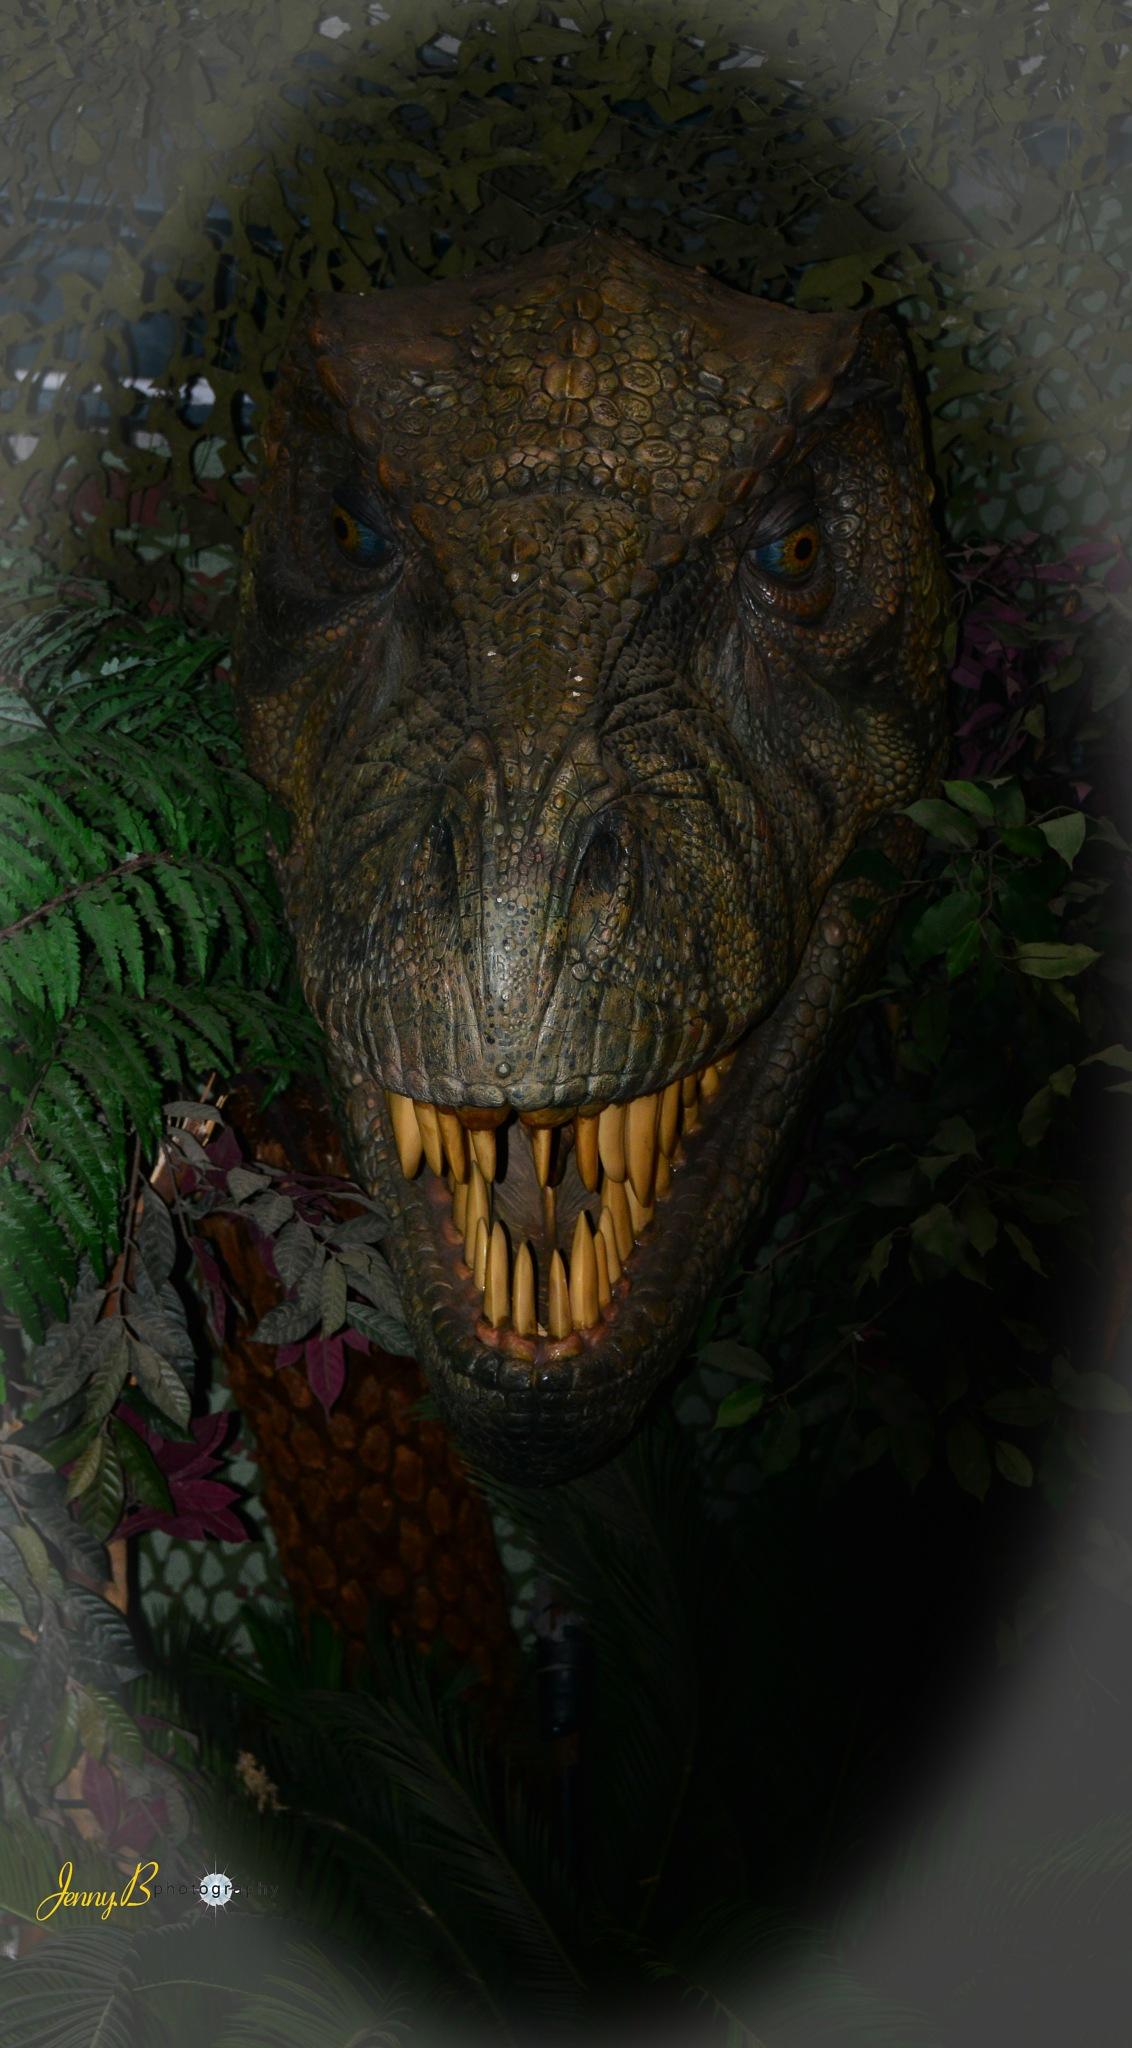 Dino by jb_127  ( jennybphotography)